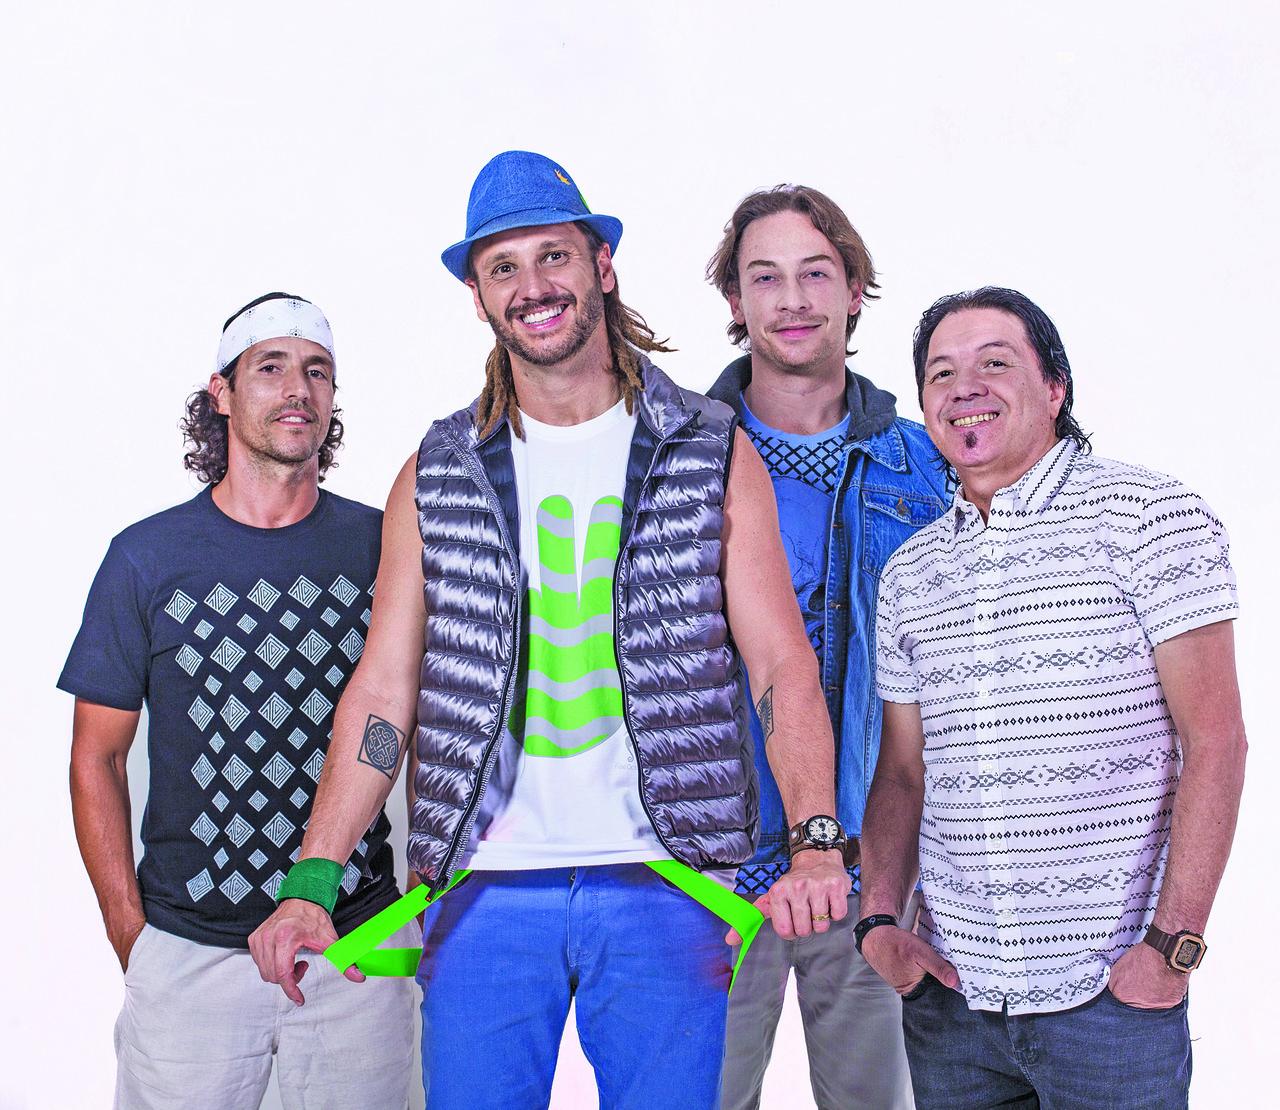 A banda Falamansa se apresenta nesta sexta-feira no Embrazado. Foto: Divulgação